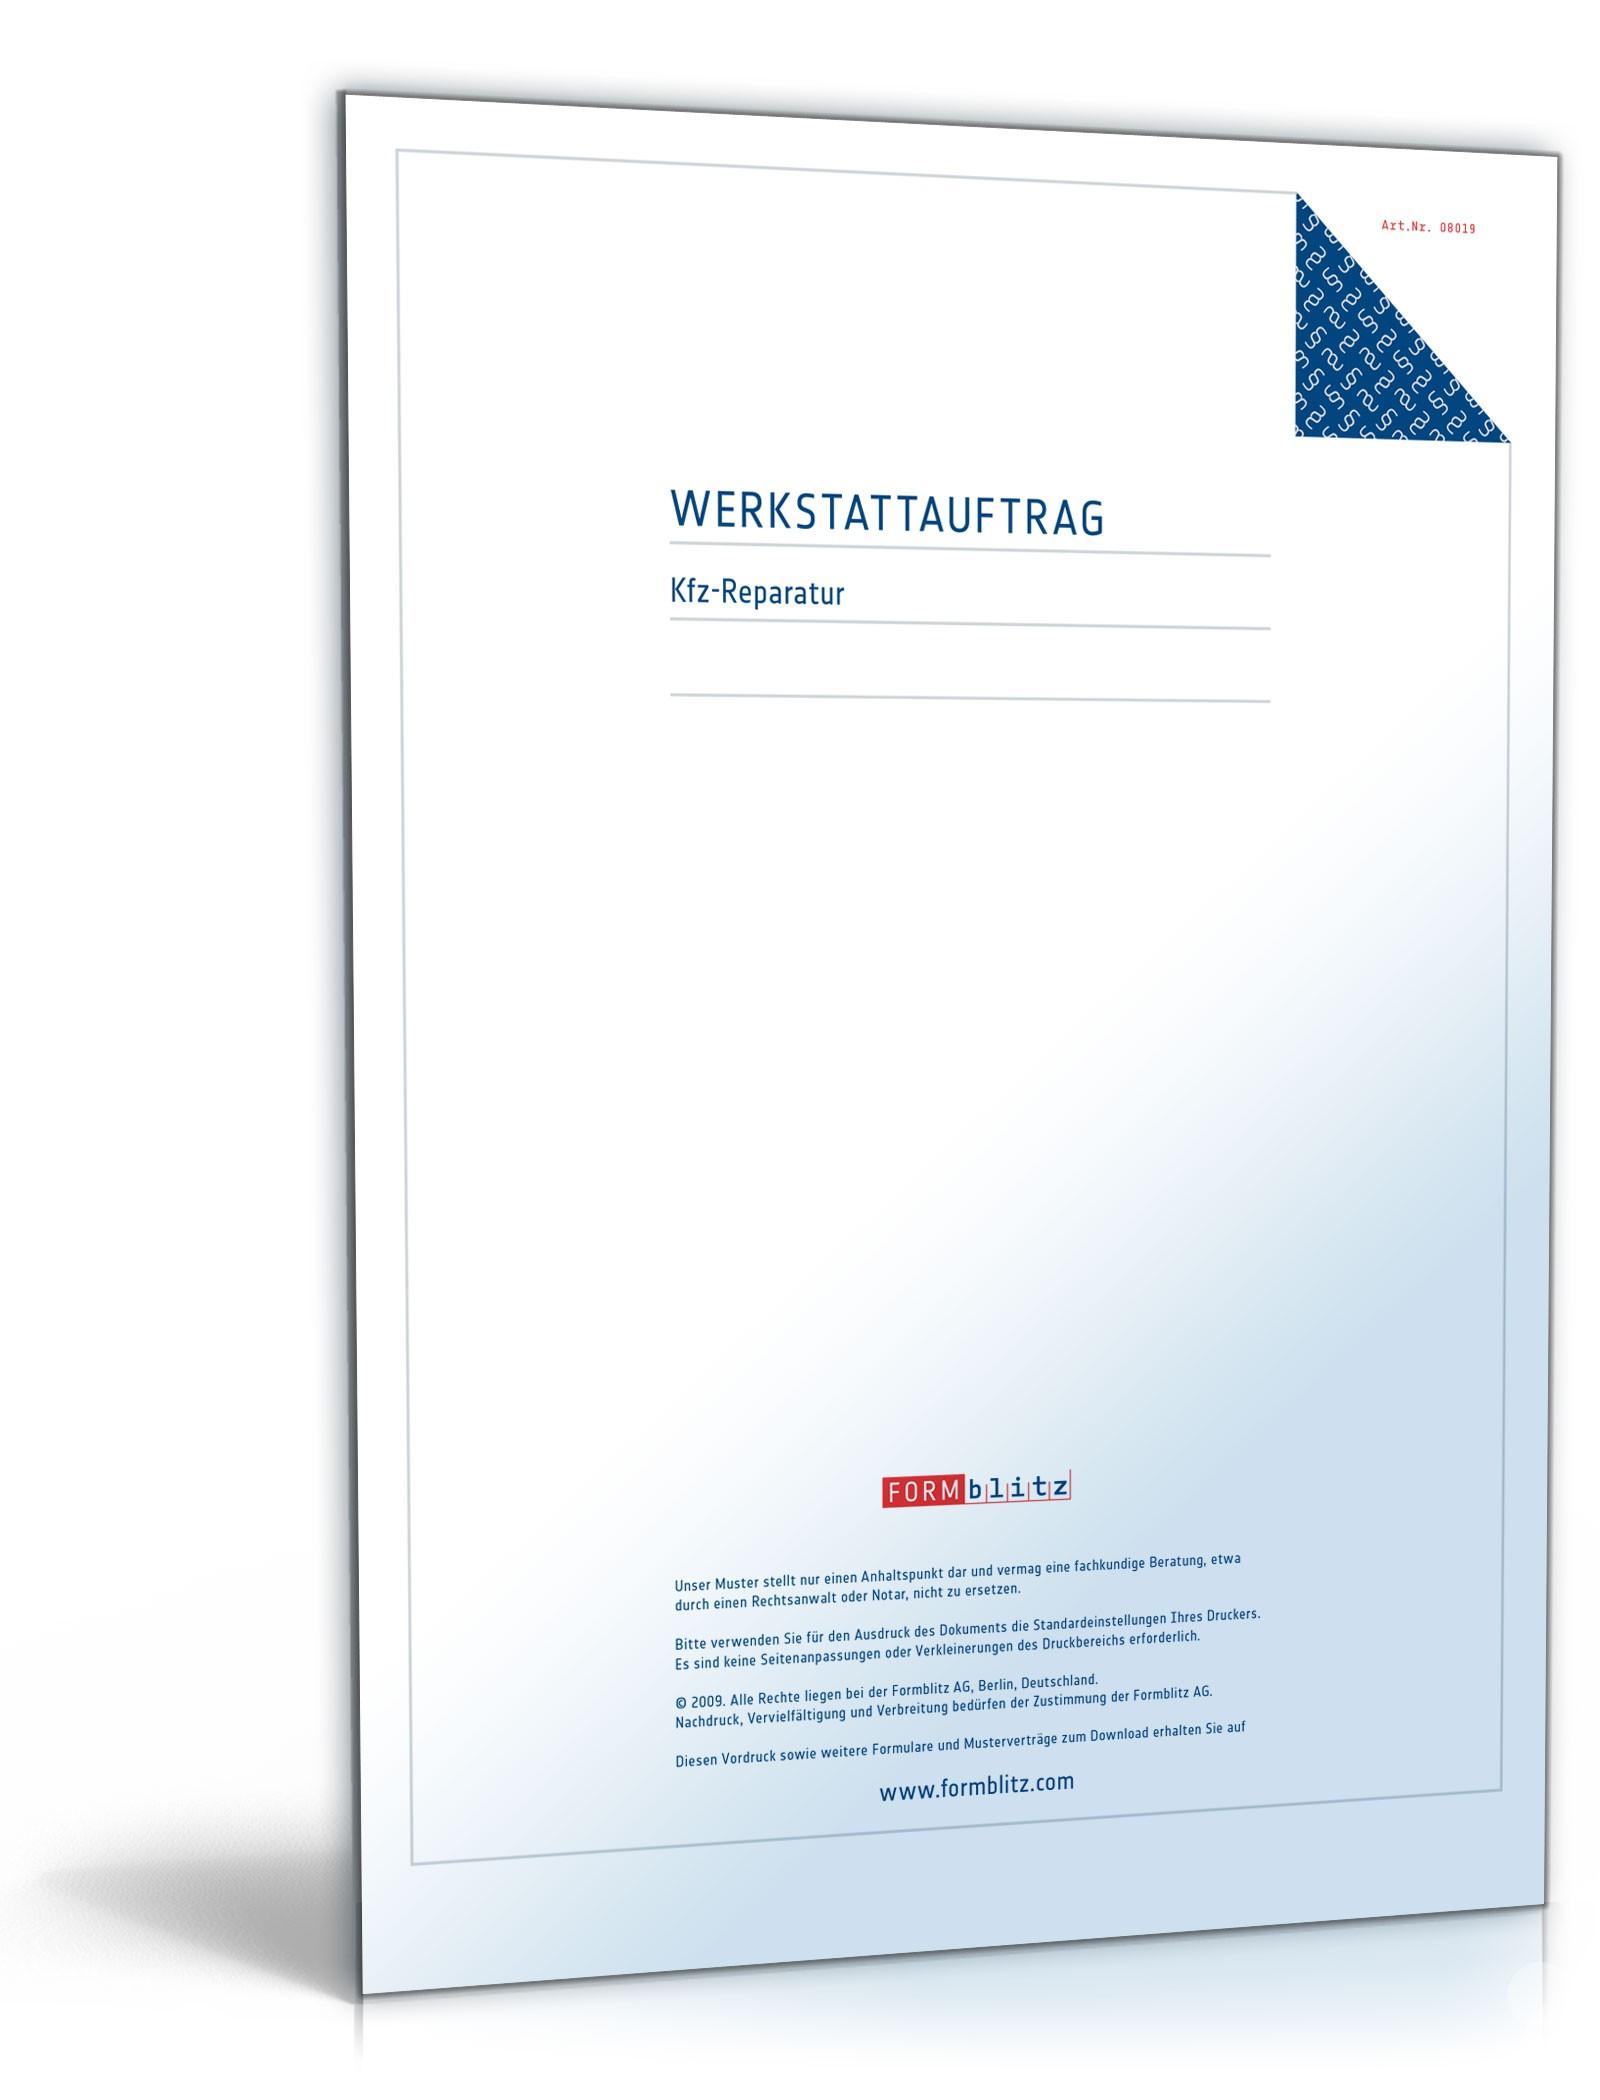 Werkstattauftrag für Kfz-Reparatur – Muster-Vorlage zum Download